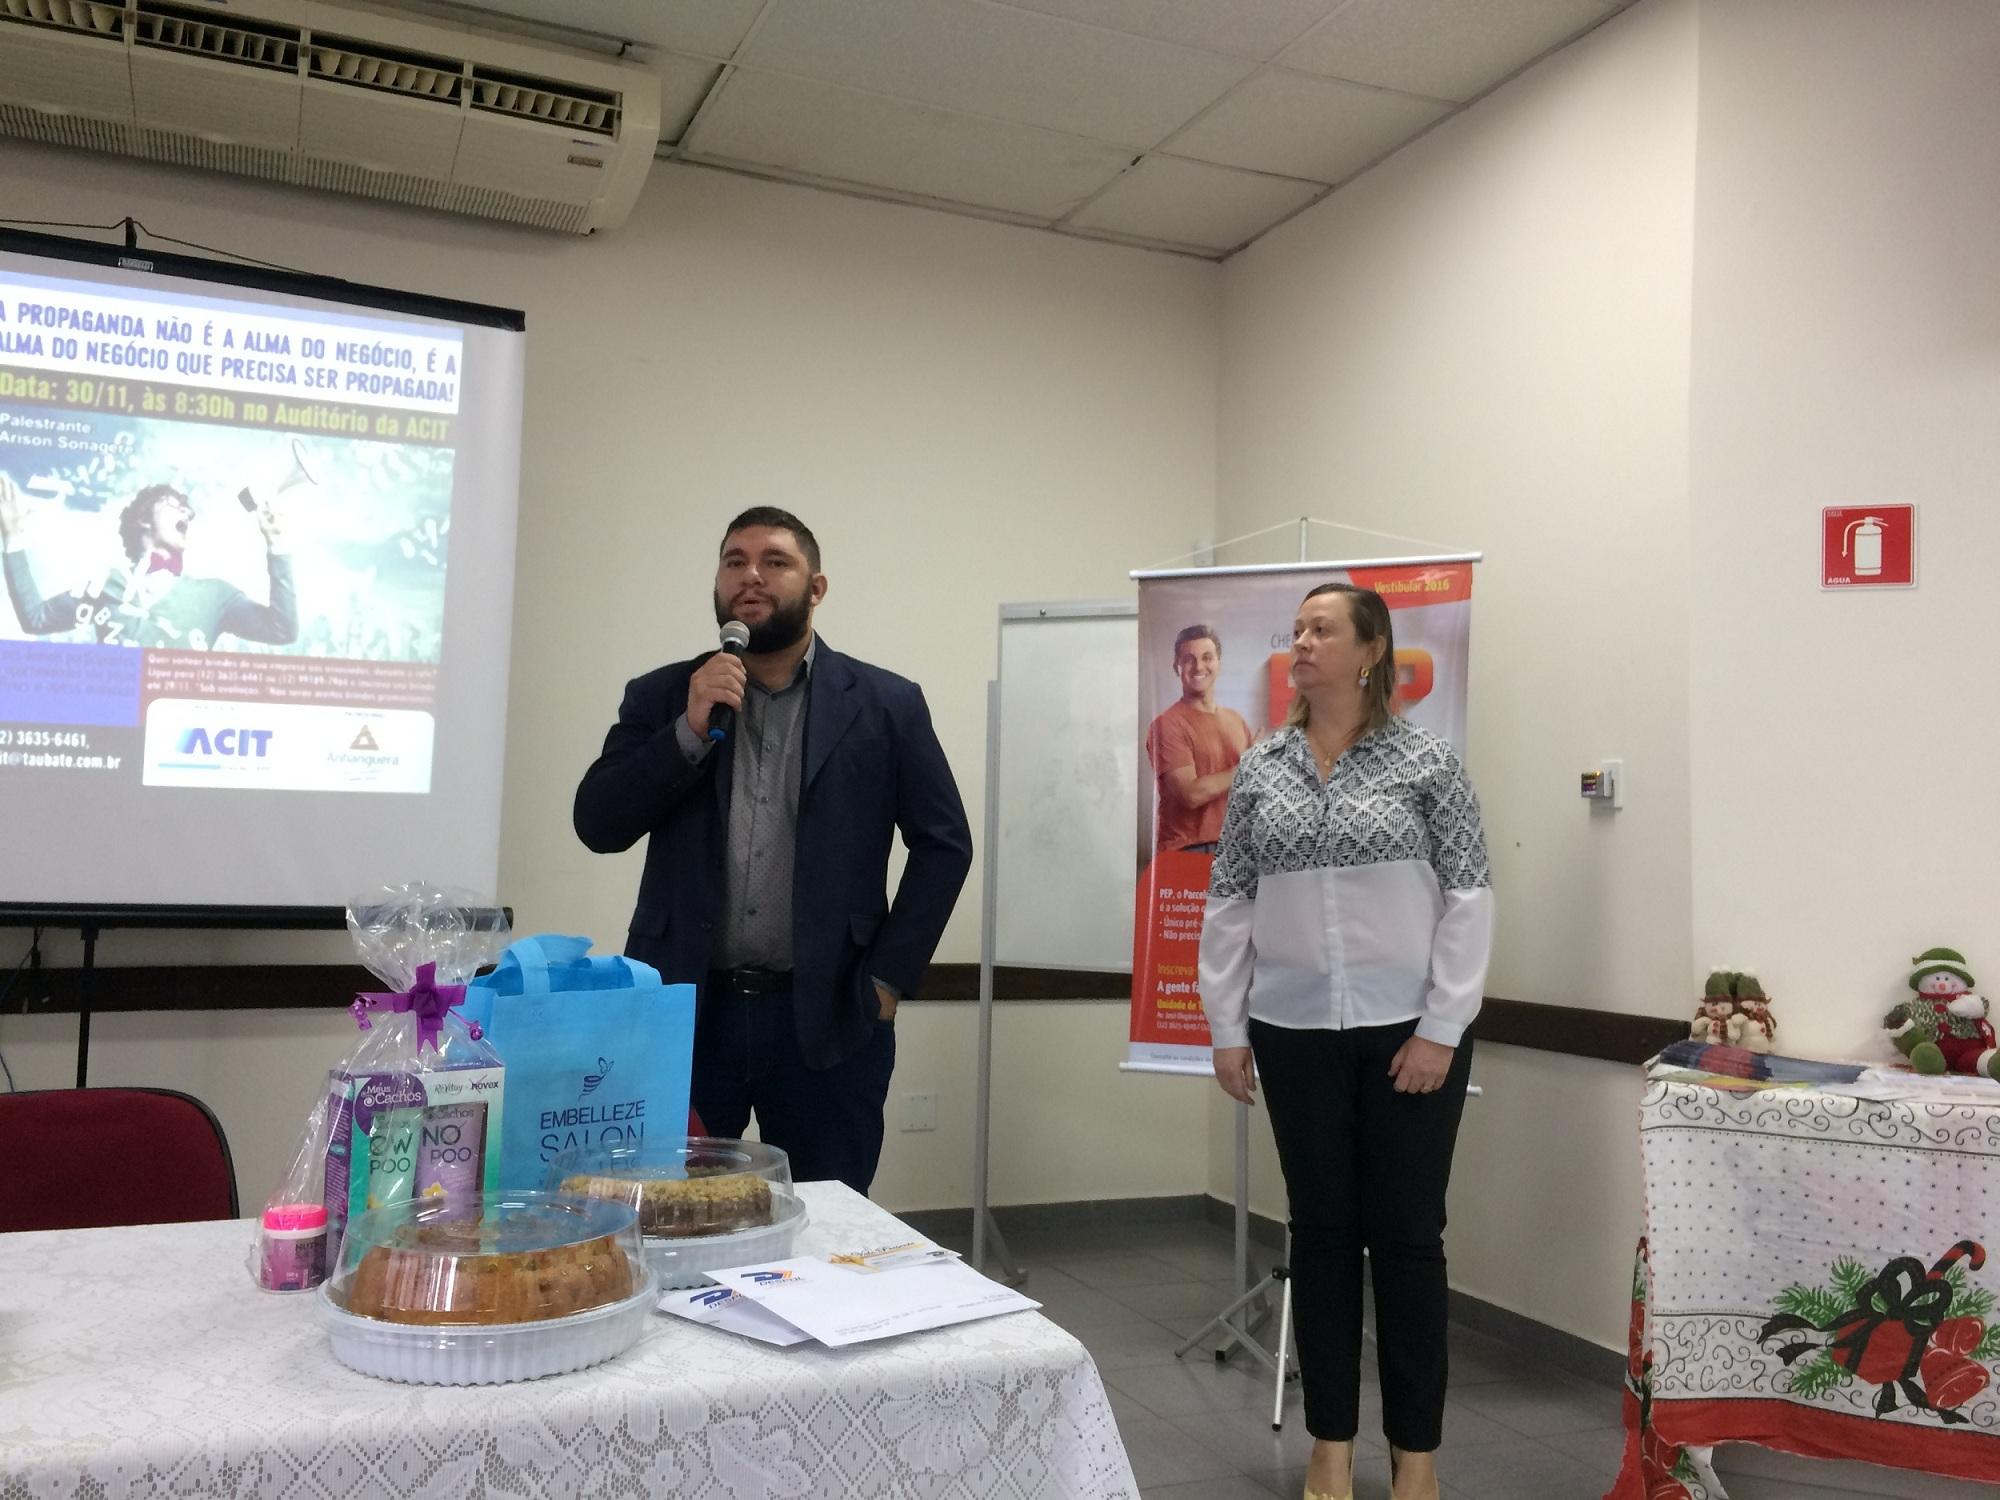 Apresentacao da Faculdade Anhanguera, patrocinadora do café